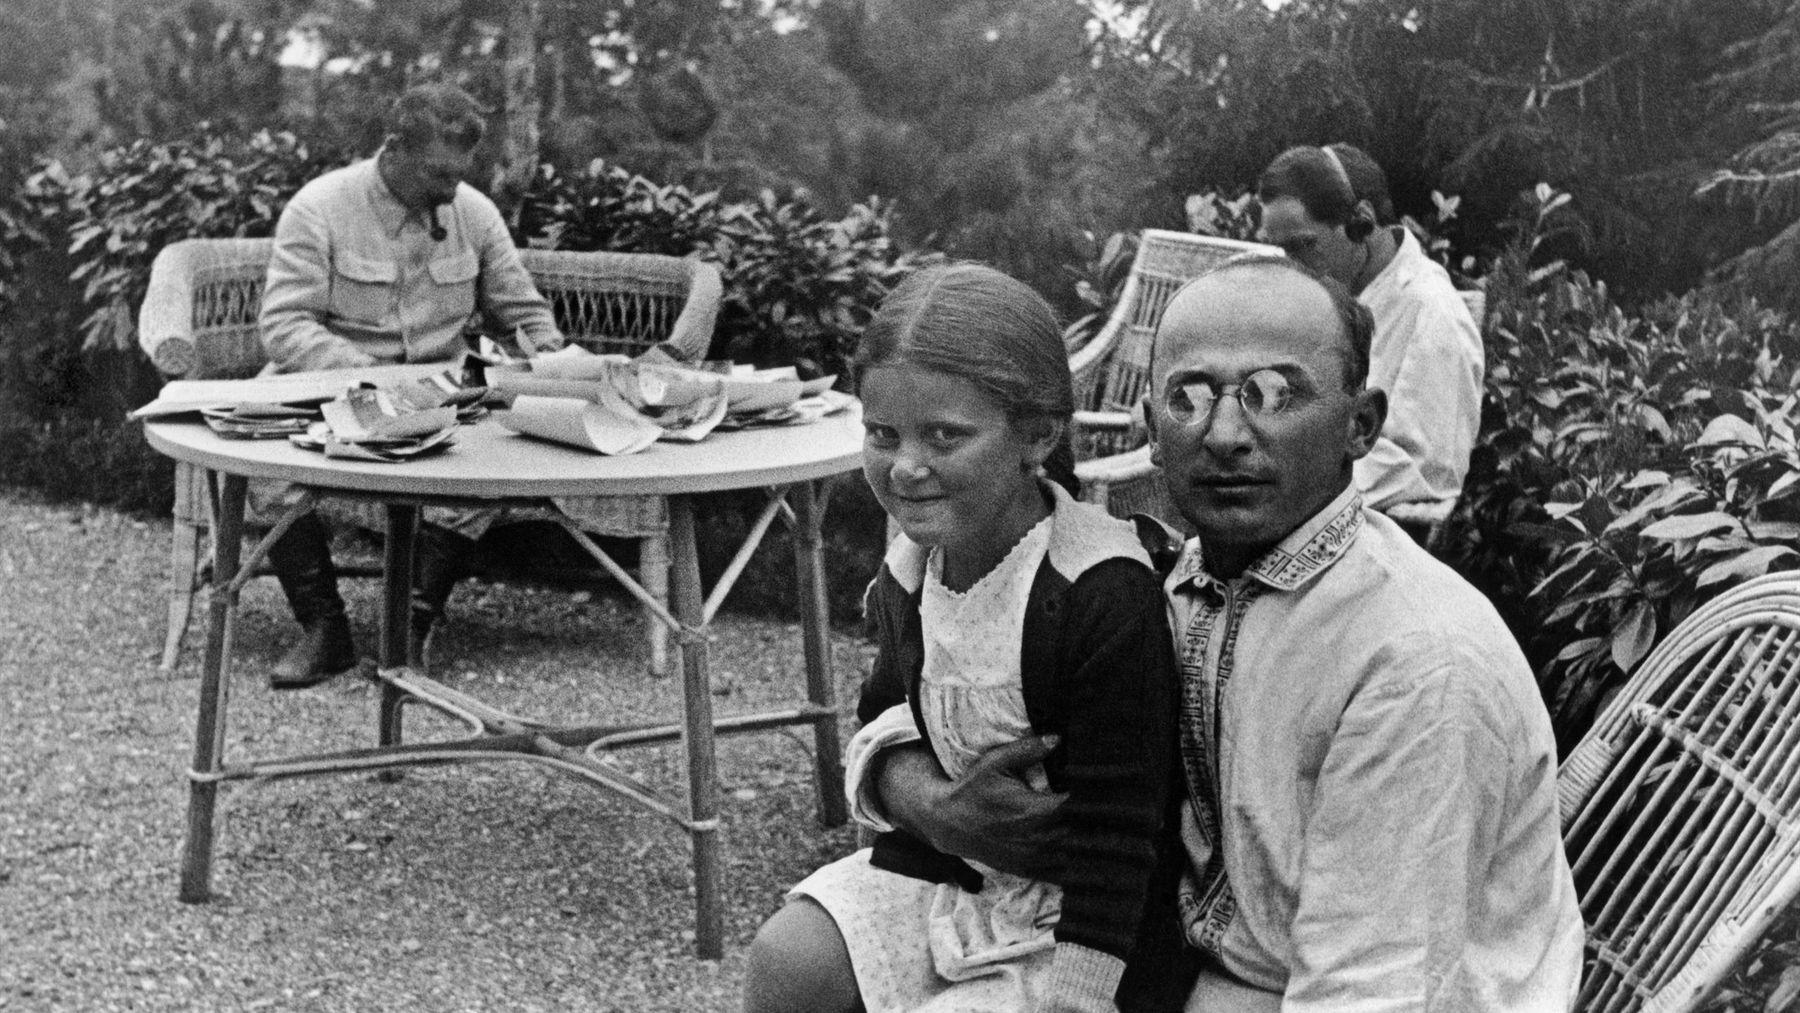 Лаврентий Берия на даче Иосифа Сталина. Фото с дочерью вождя Светланой